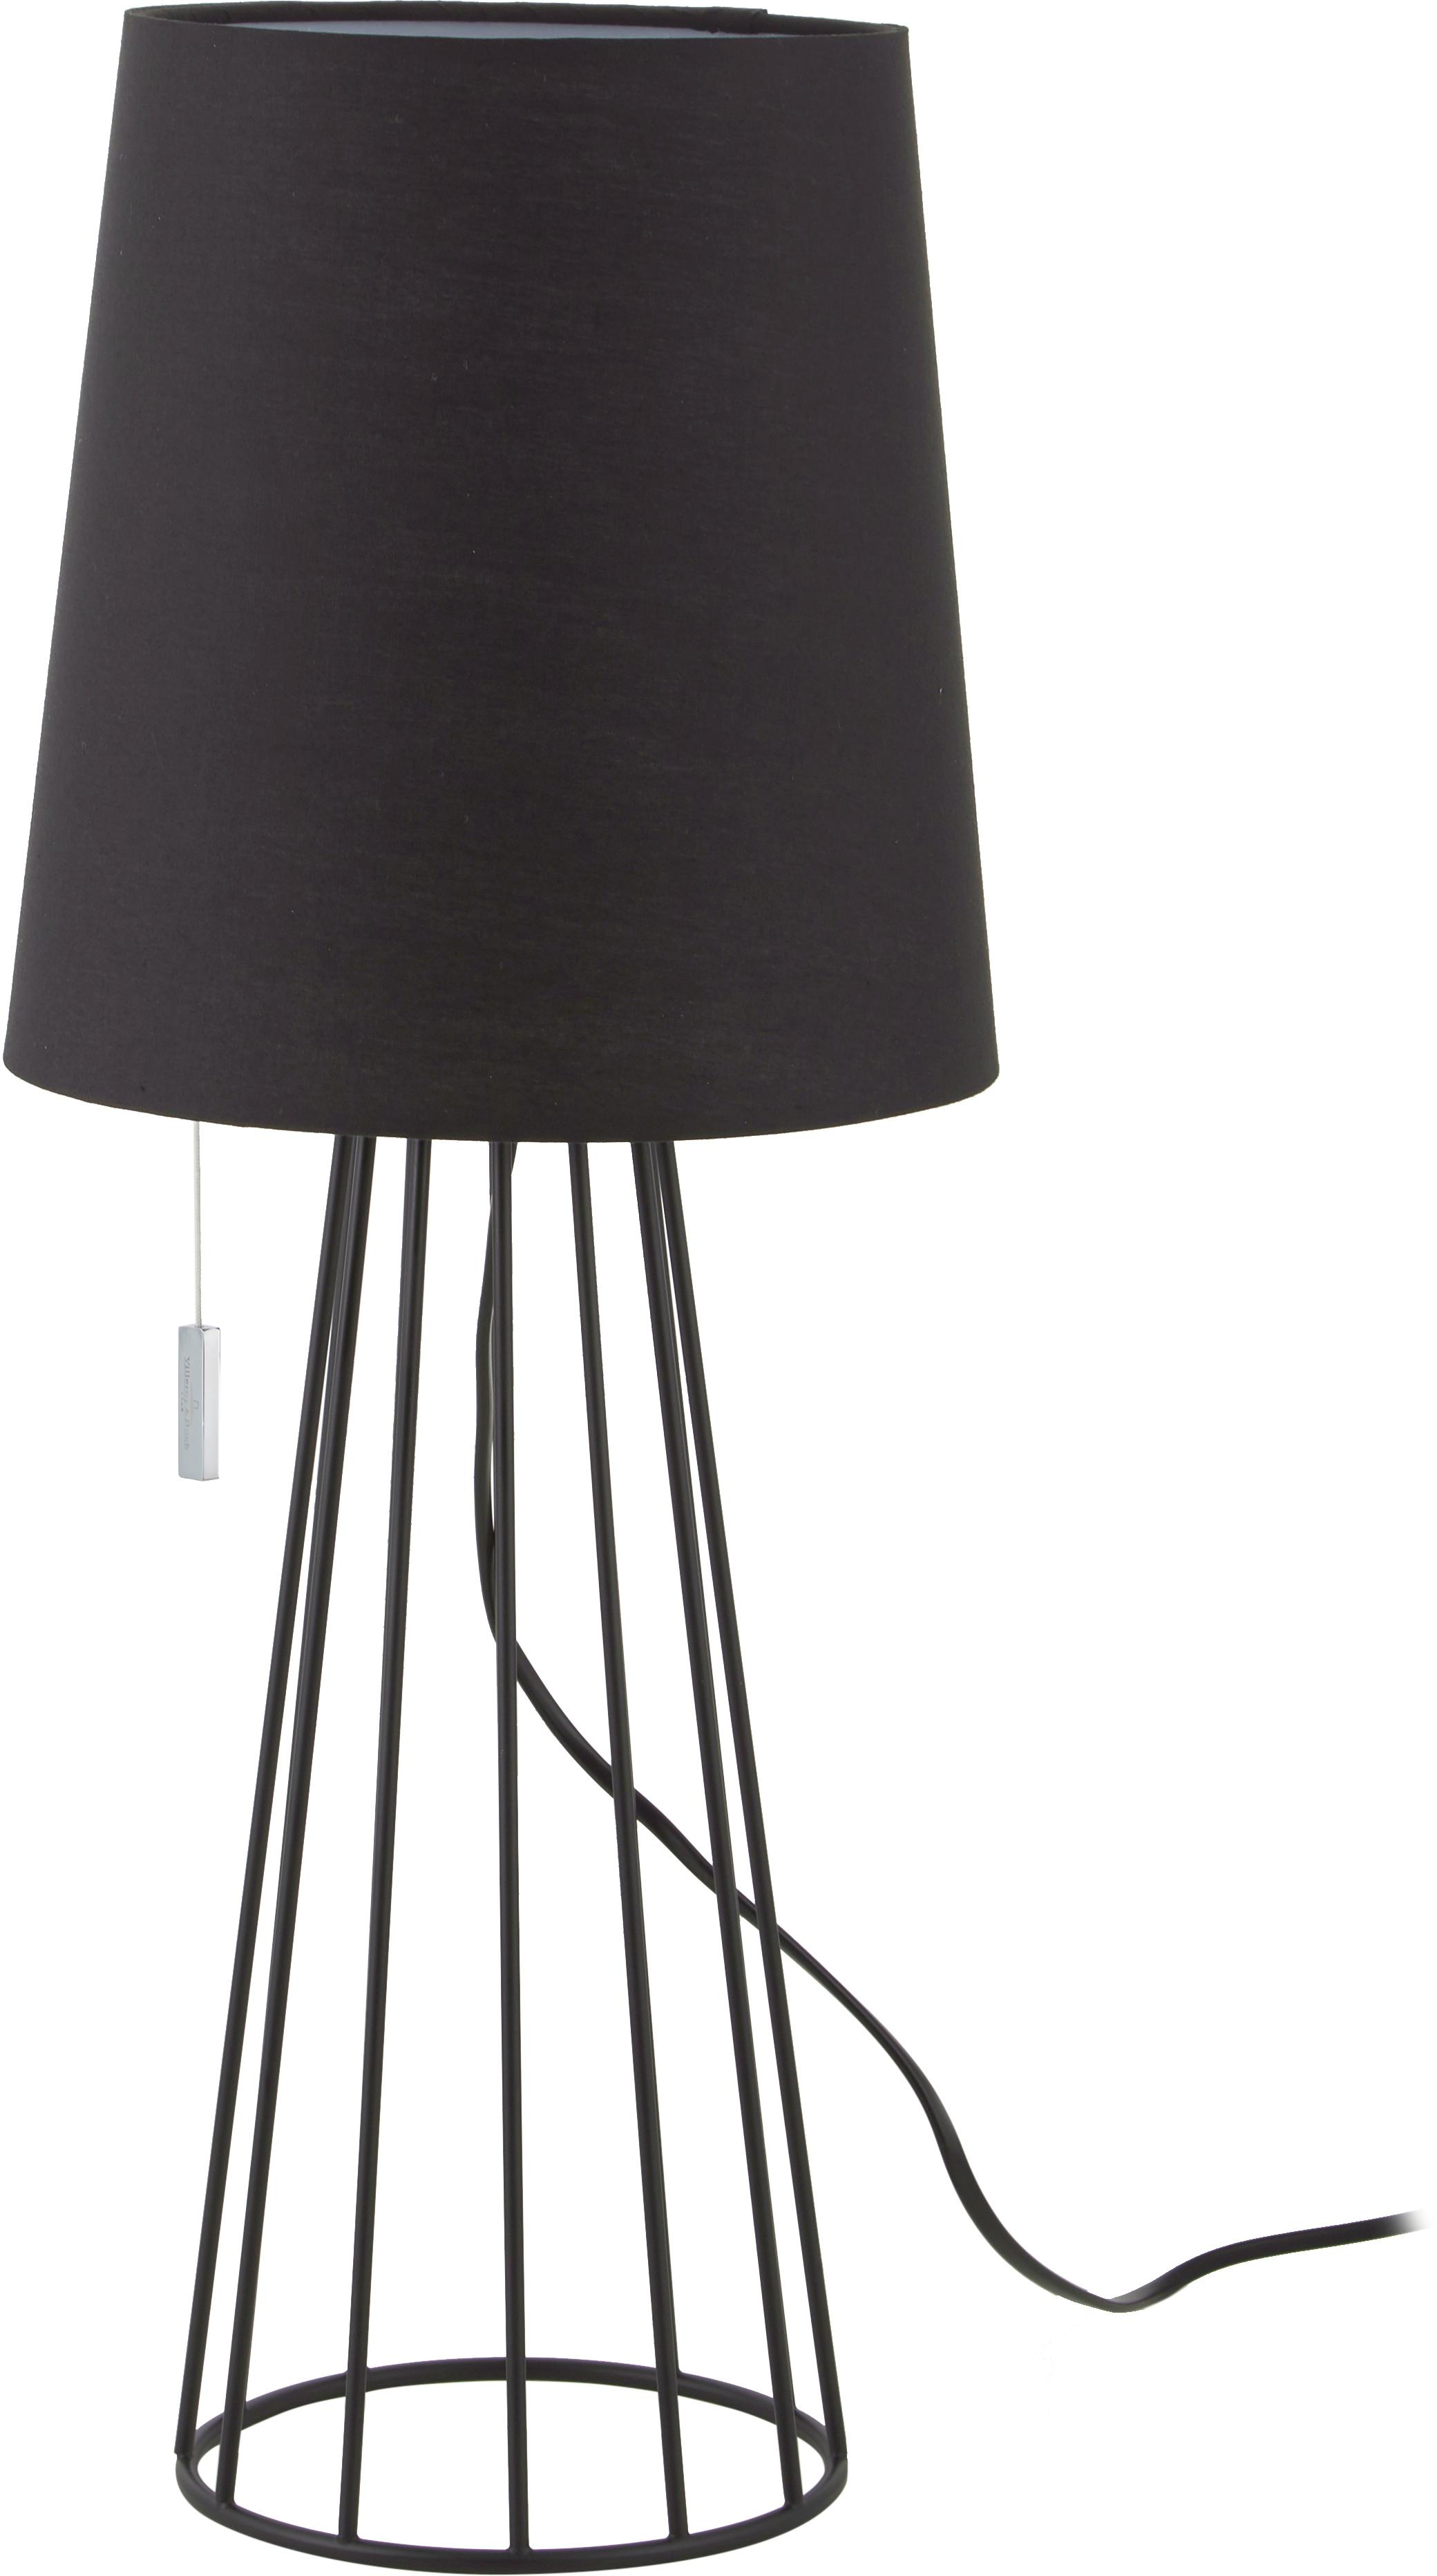 Grote tafellamp Mailand, Lampvoet: vermessingt en gelakt met, Zwart, Ø 23 x H 59 cm